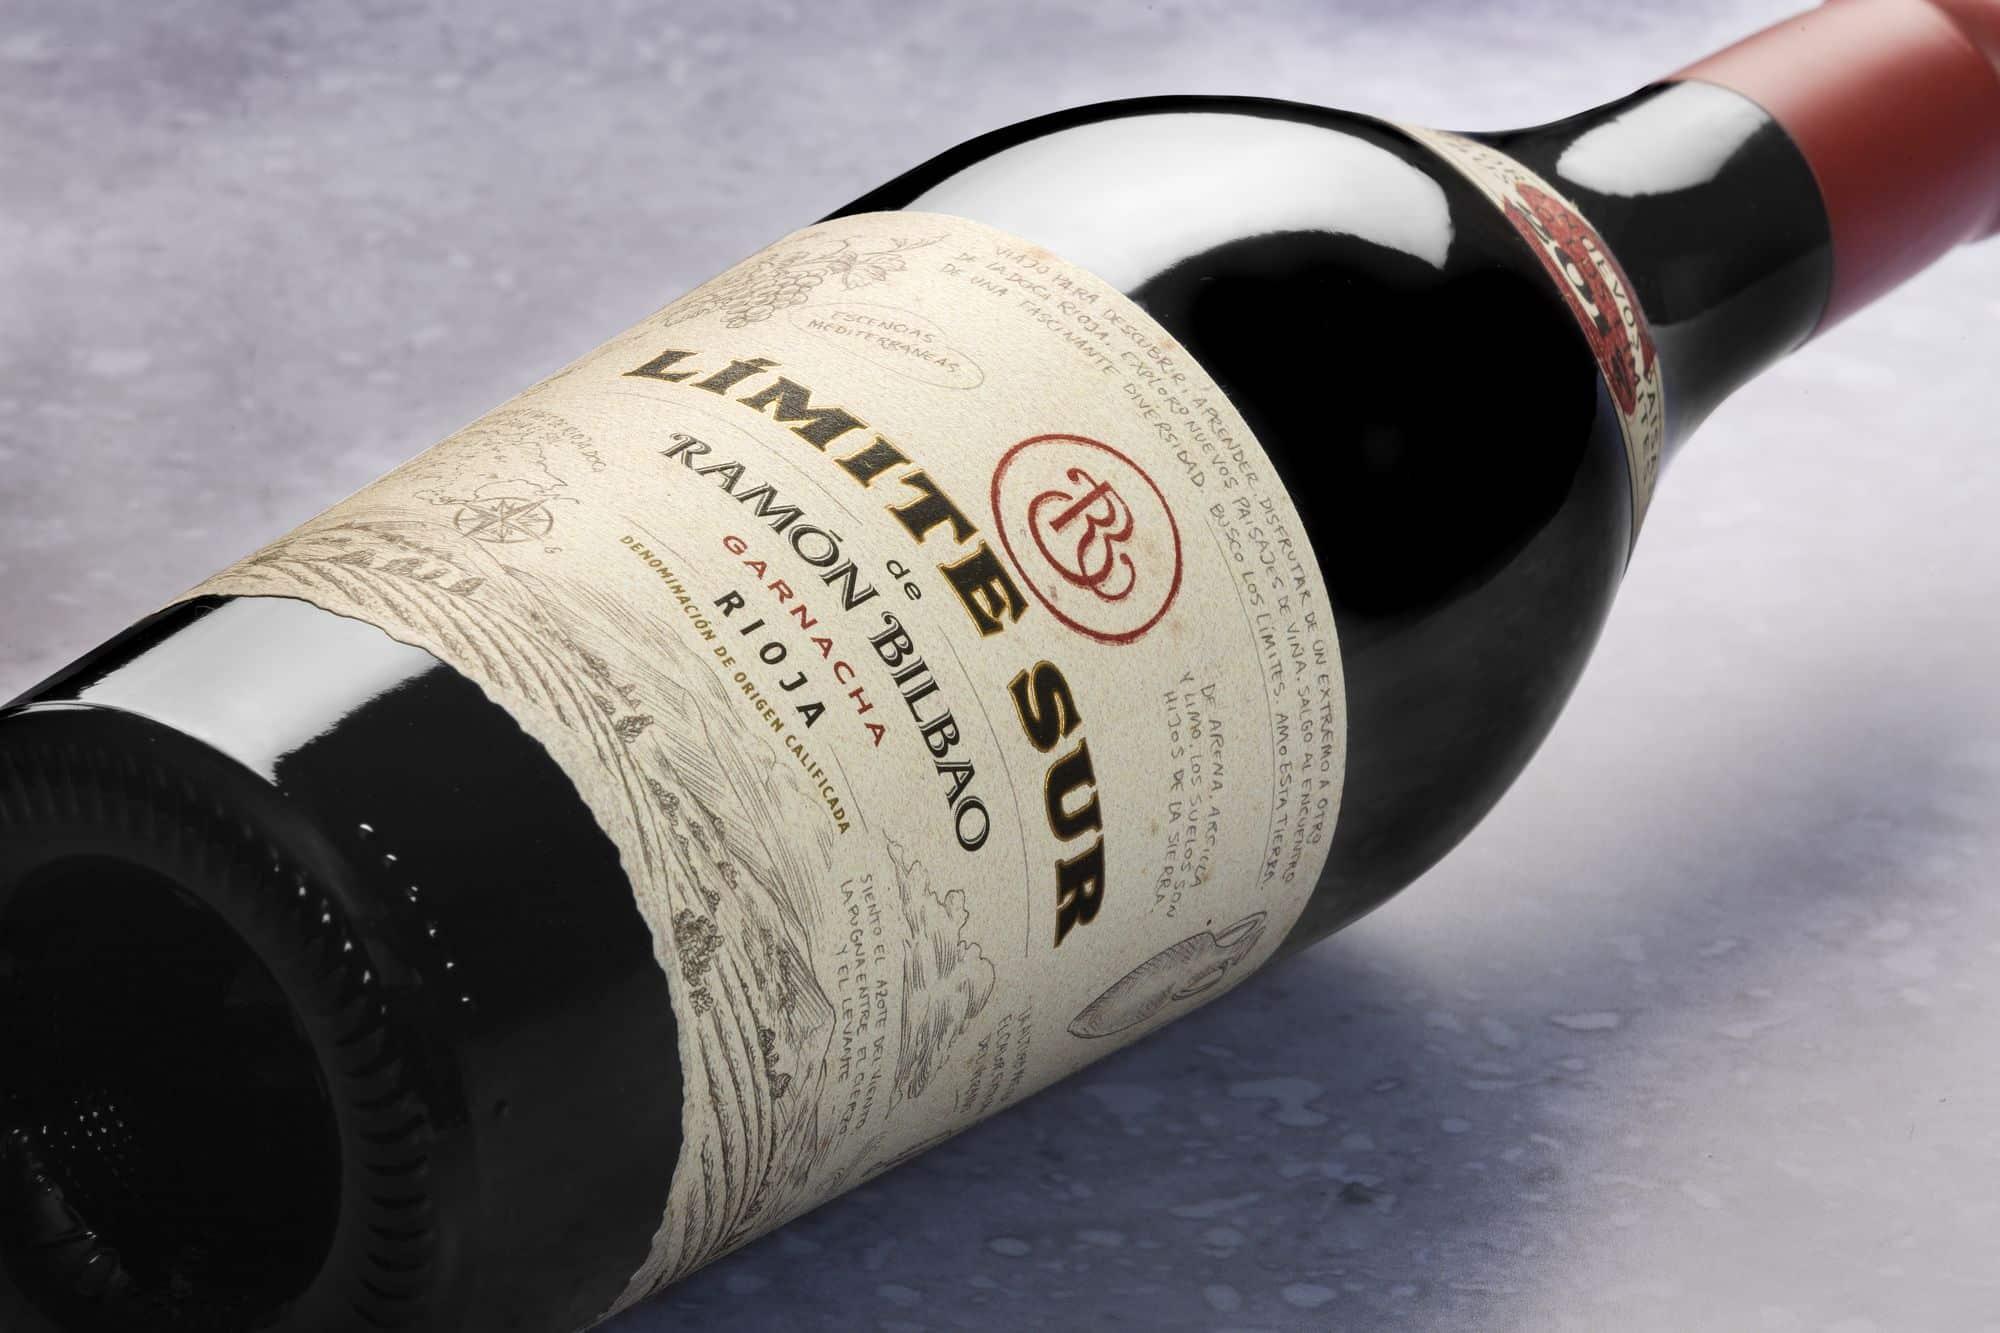 Ramón Bilbao lanza Límite Norte y Límite Sur, sus nuevos vinos en homenaje a los paisajes de La Rioja 1